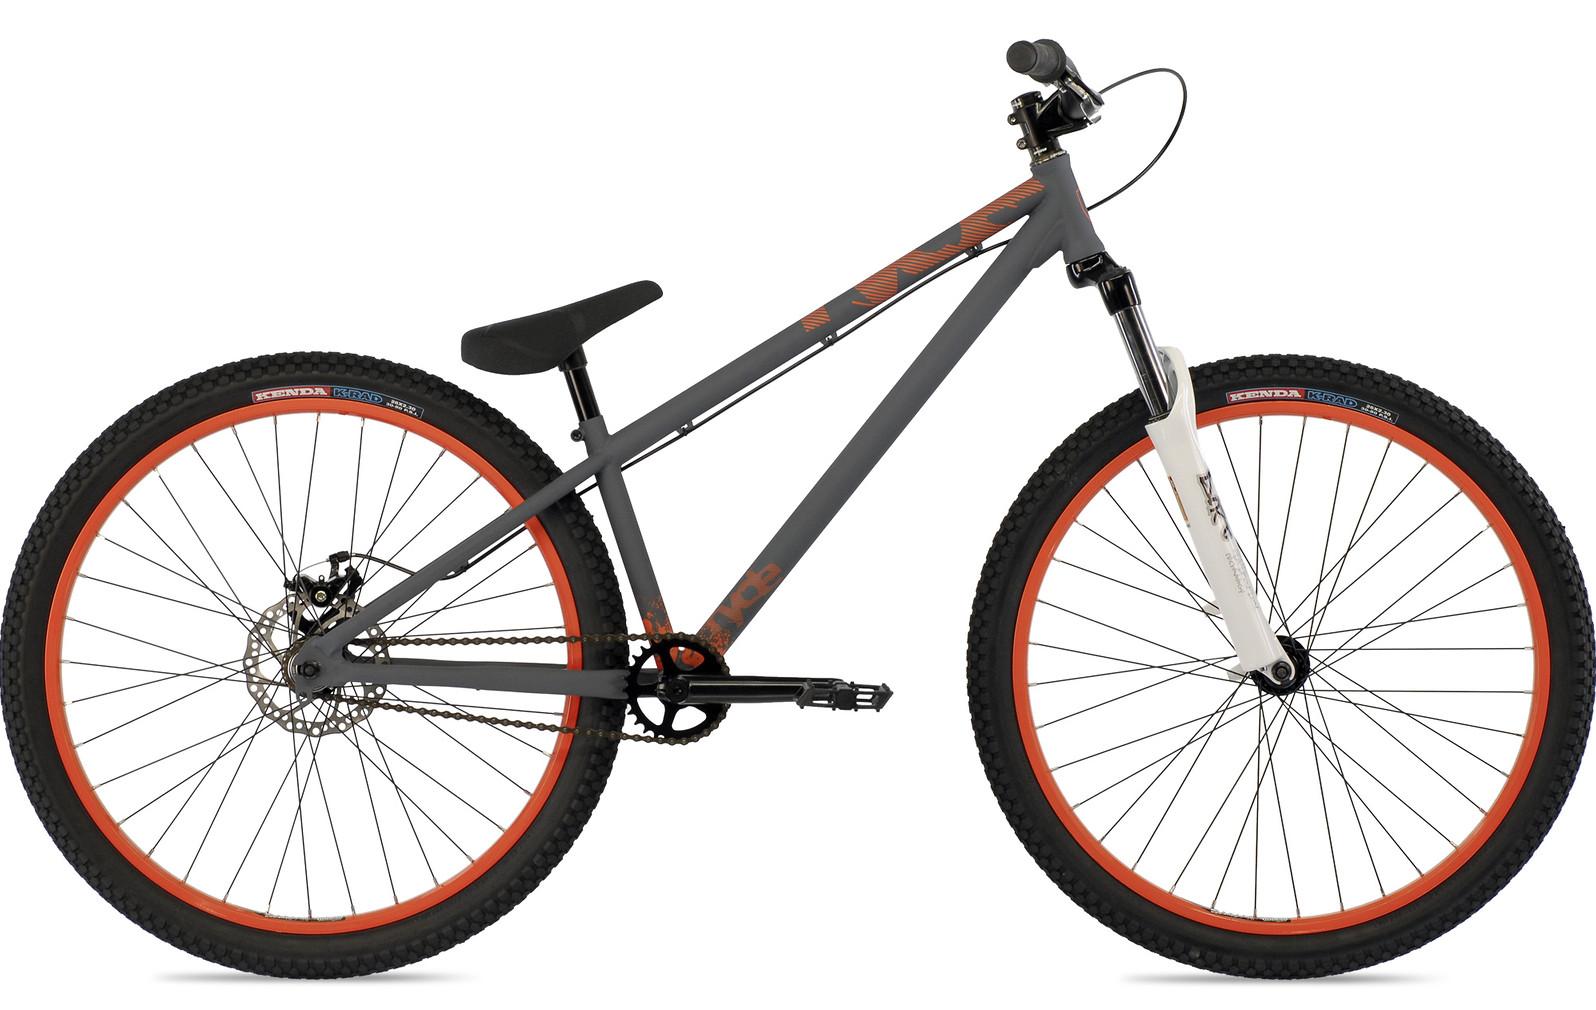 bike - 2014 Norco Ryde 26 - grey